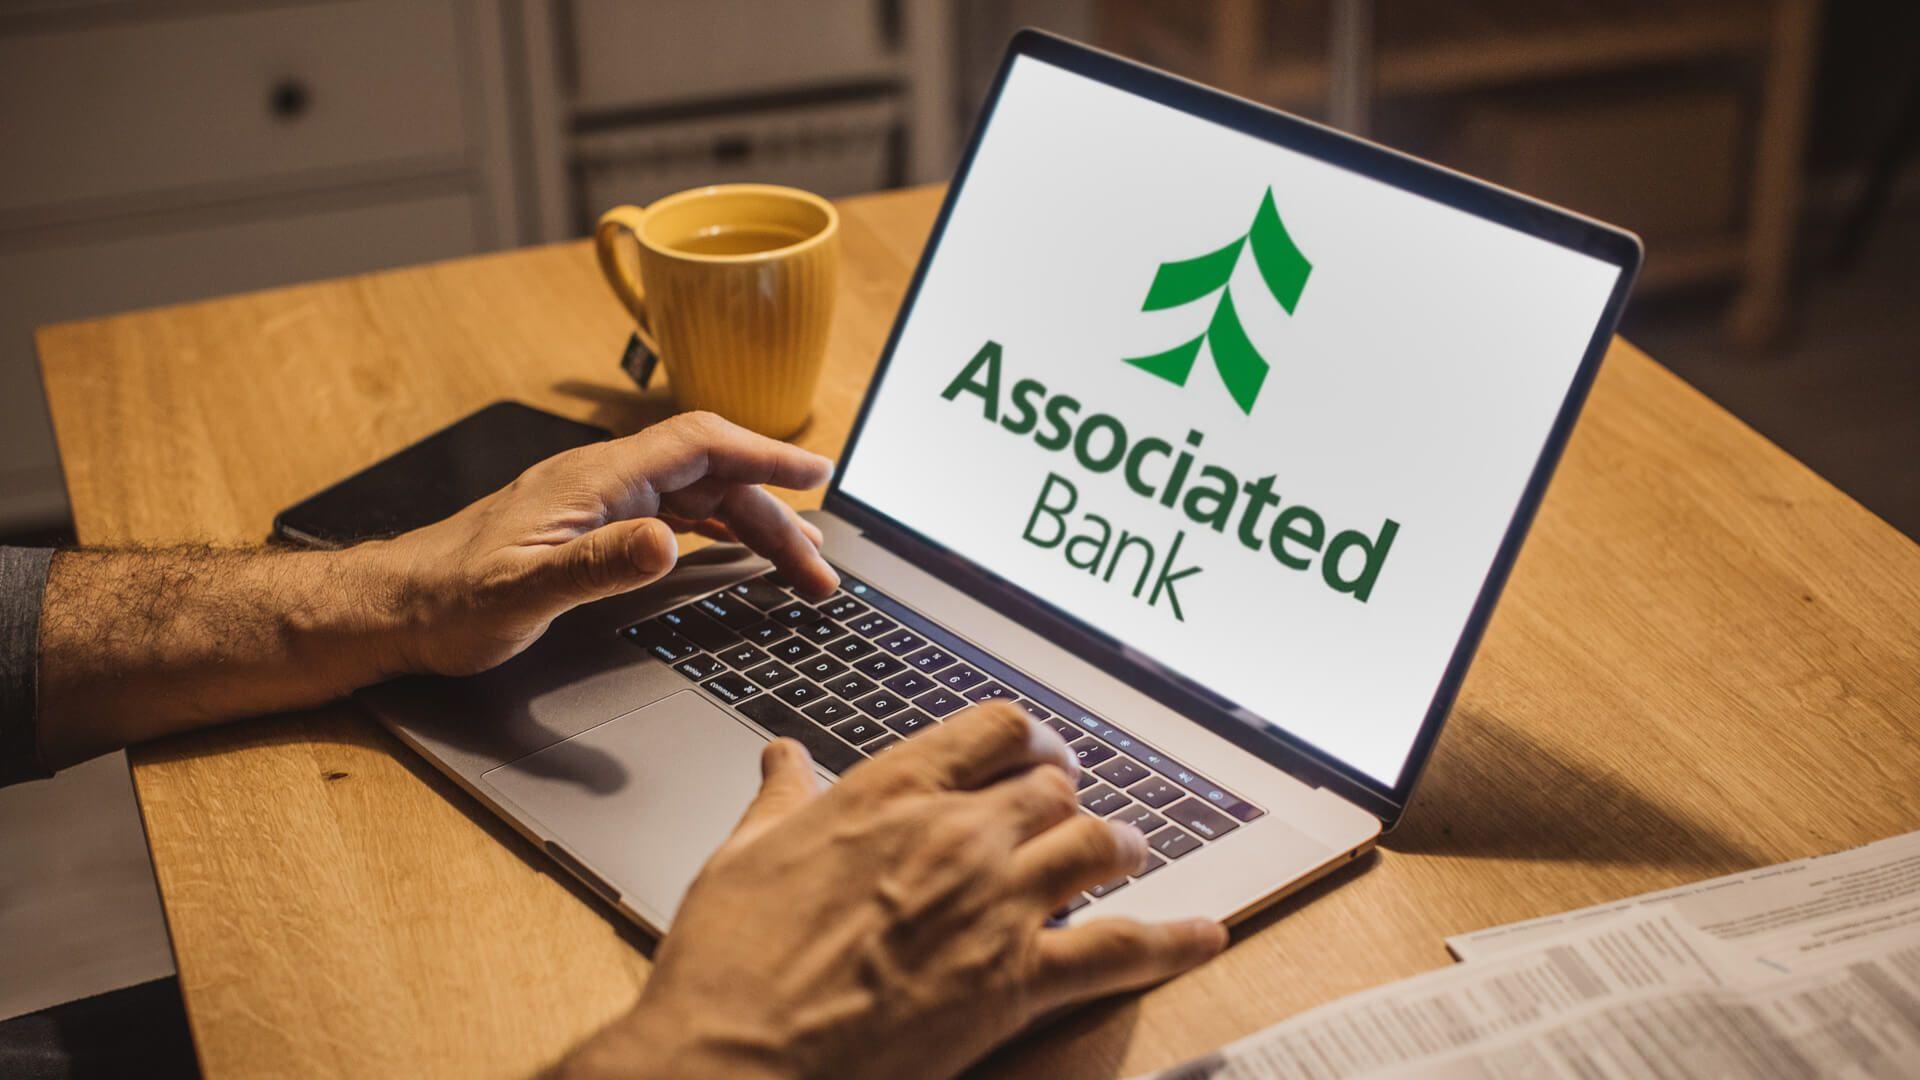 Associated Bank computer login